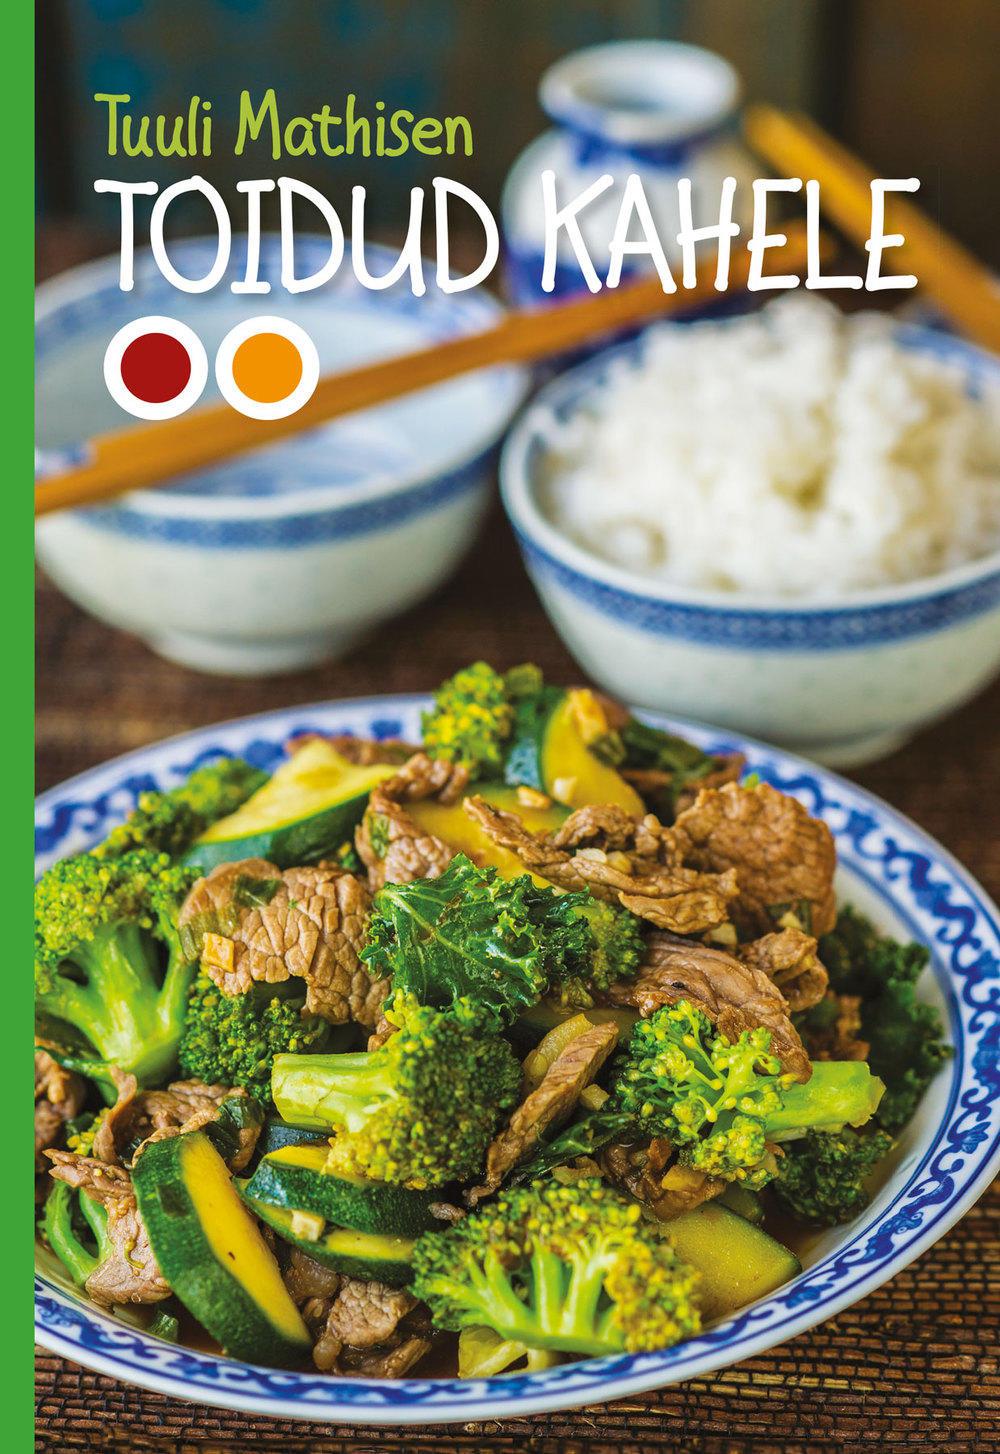 Uus raamat. Toidud kahele